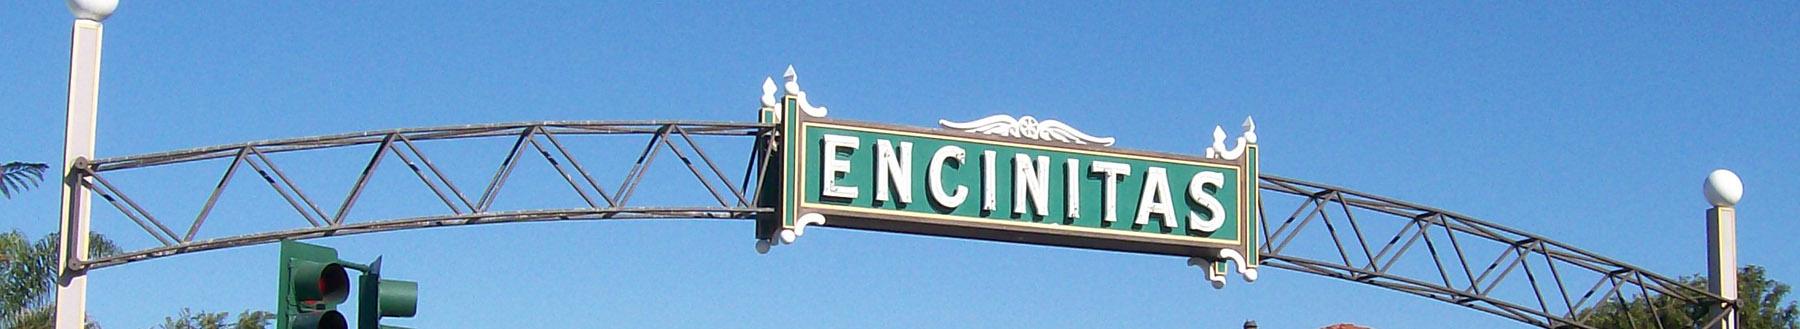 Encinitas New Homes for sale. Downtown Encinitas sign